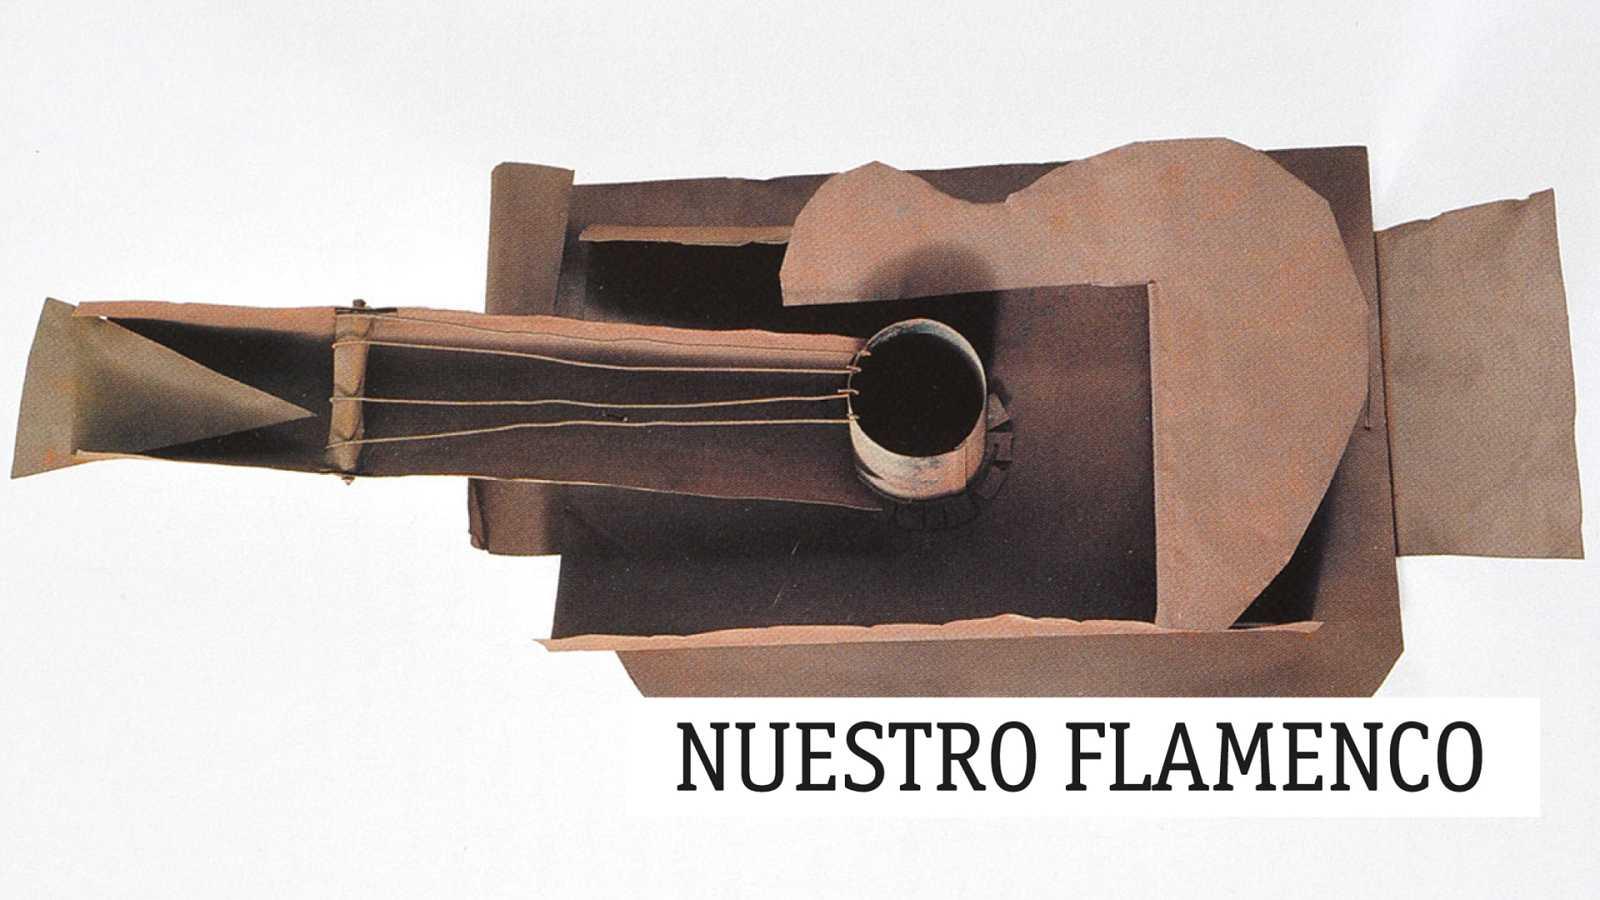 Nuestro Flamenco - La guitarra de Manolo Brenes - 23/03/21 - escuchar ahora